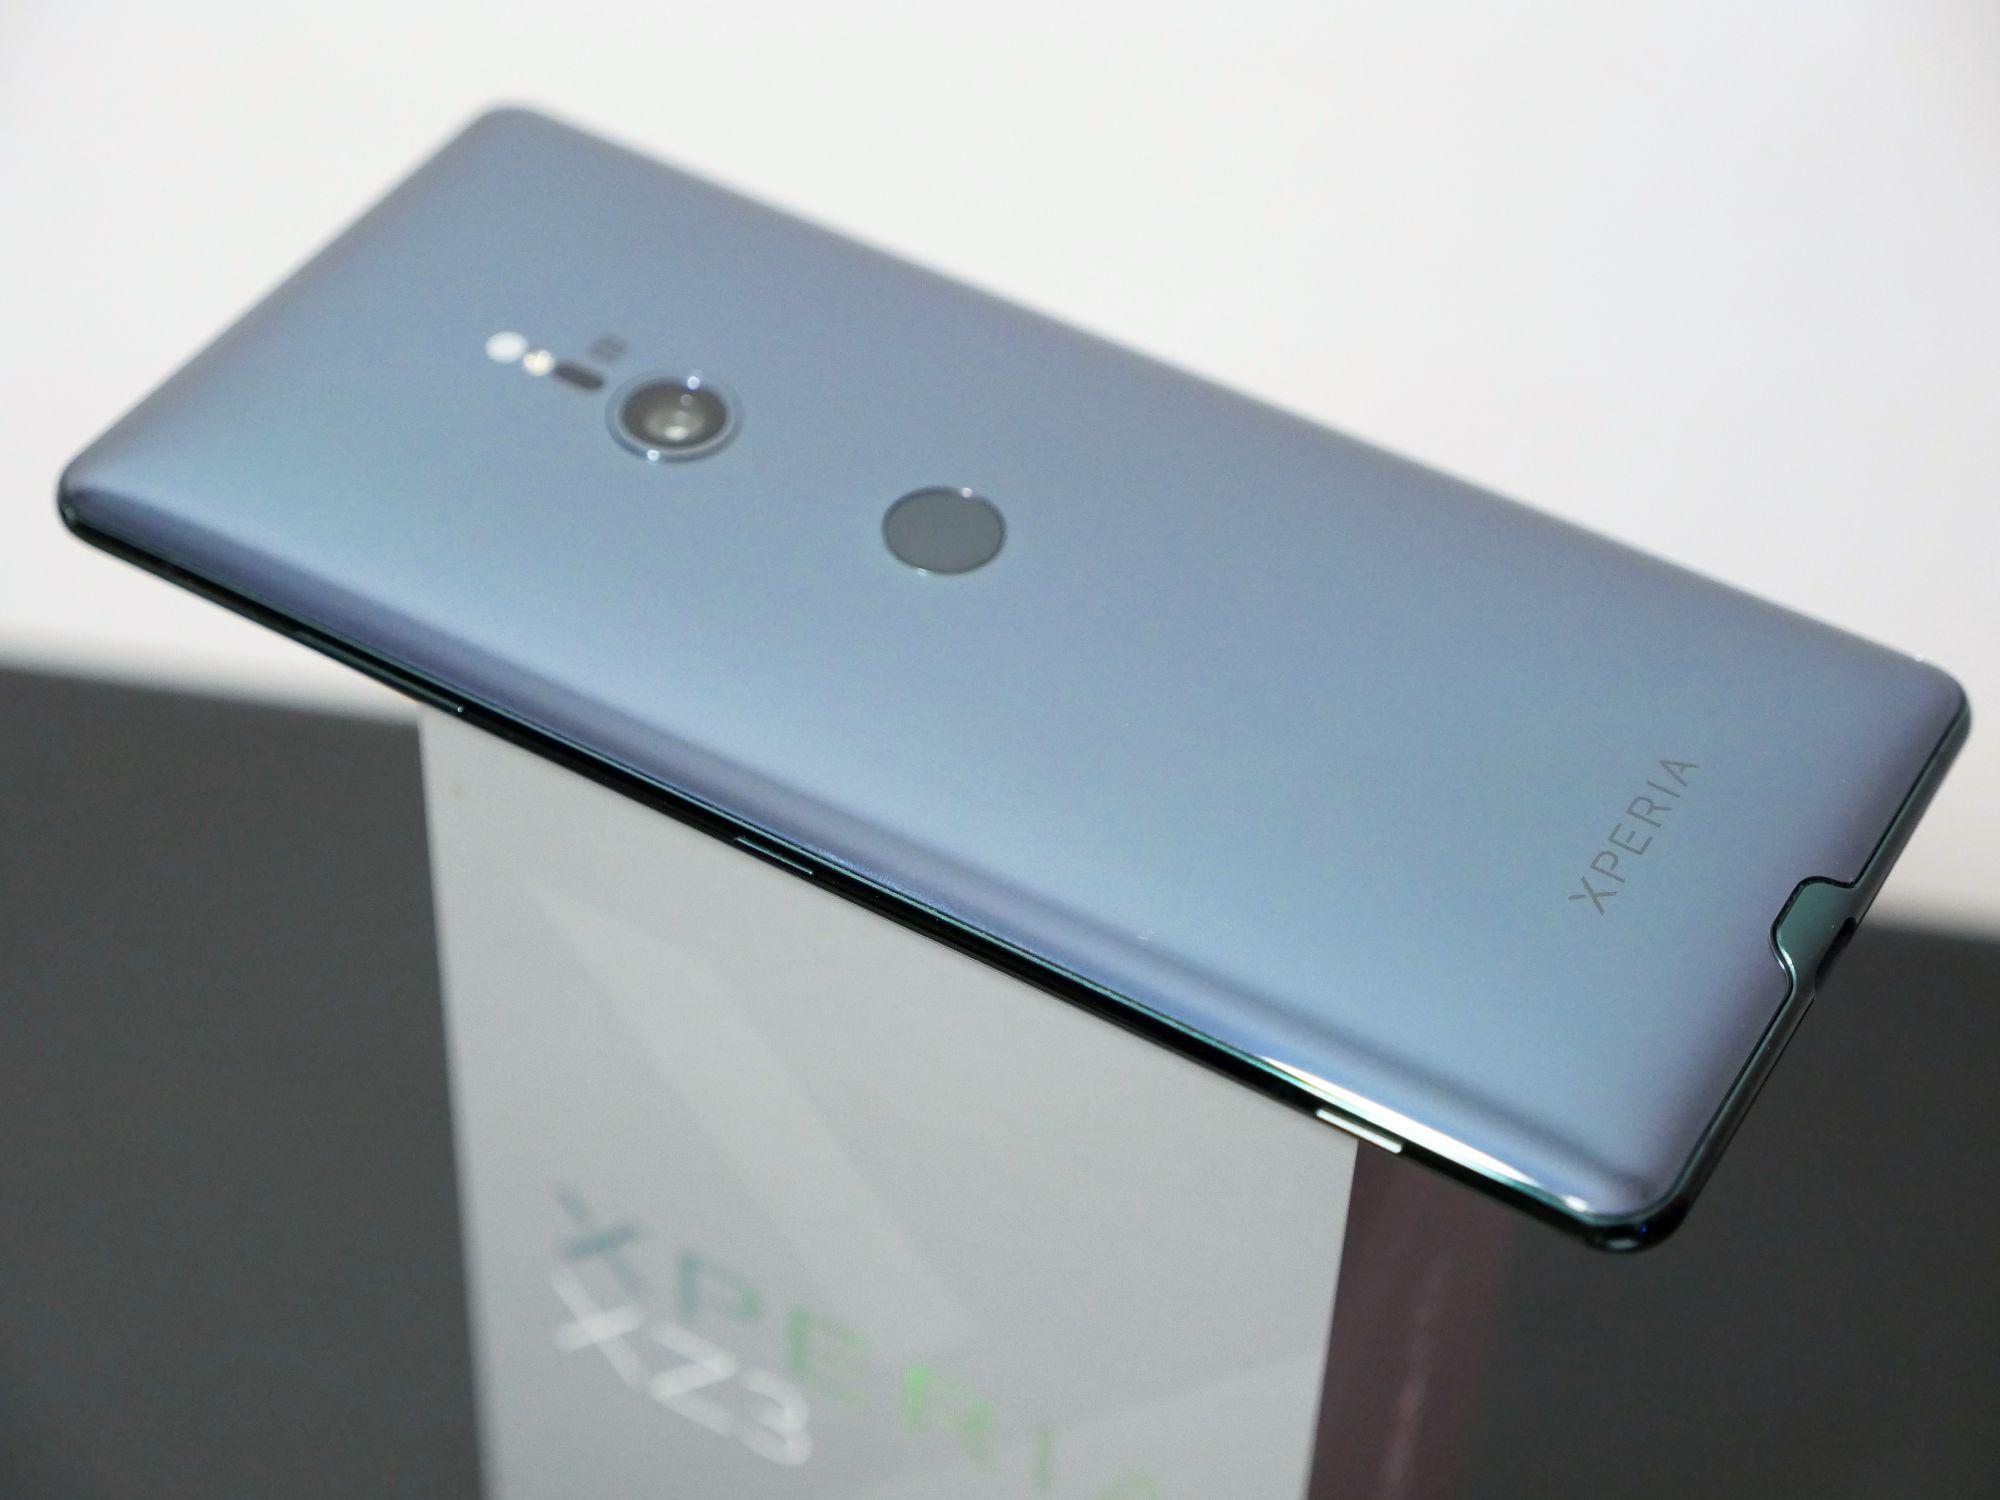 Recenzja Xperia XZ3 - zdziwiłabym się, gdyby to nie był najlepszy smartfon Sony